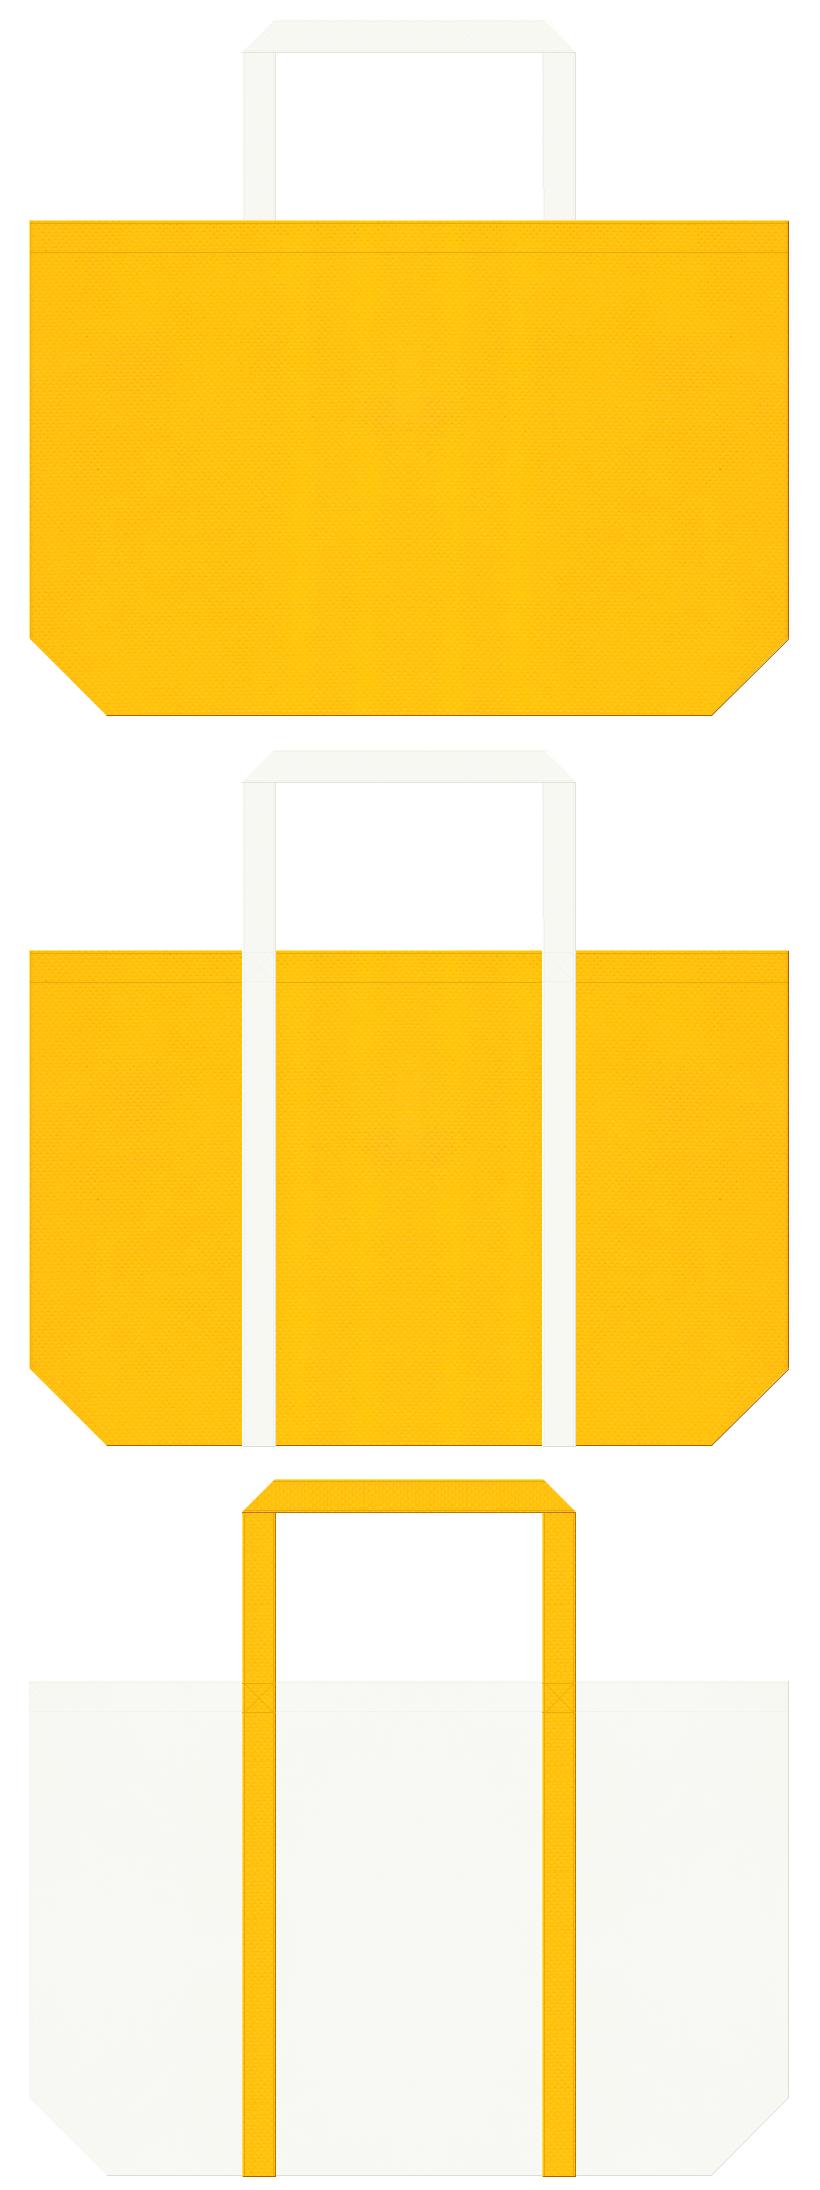 電気・通信・エネルギー・たまご・スクランブルエッグ・チーズ・バター・乳製品・エンジェル・ムーン・スター・レモン・ビタミン・通園バッグ・キッズイベントにお奨めの不織布バッグデザイン:黄色とオフホワイト色のコーデ